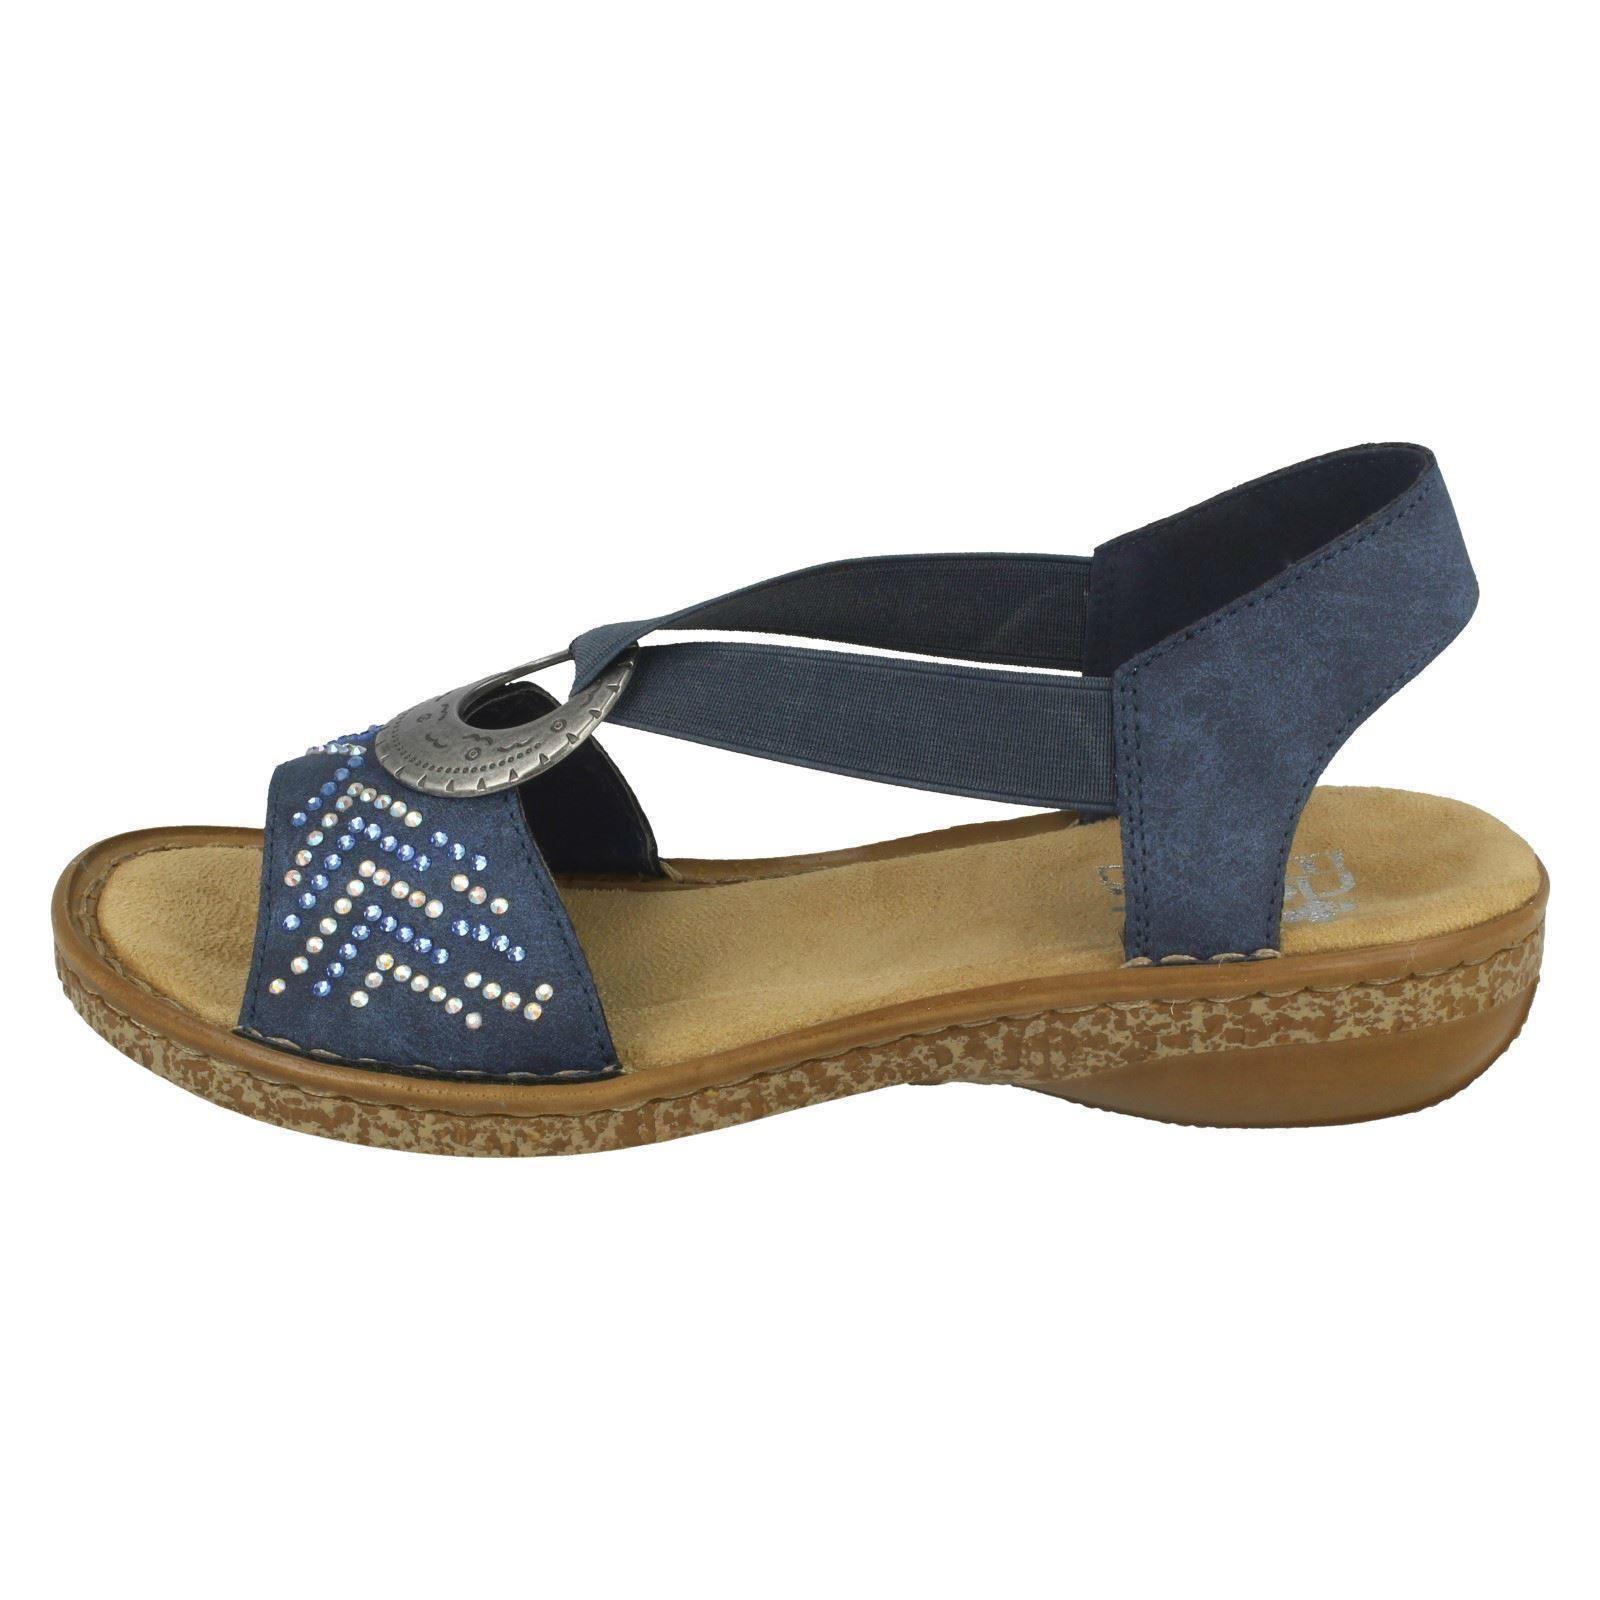 Sandals Diamante Rieker '62802' Blue Ladies vwqEHpxYB